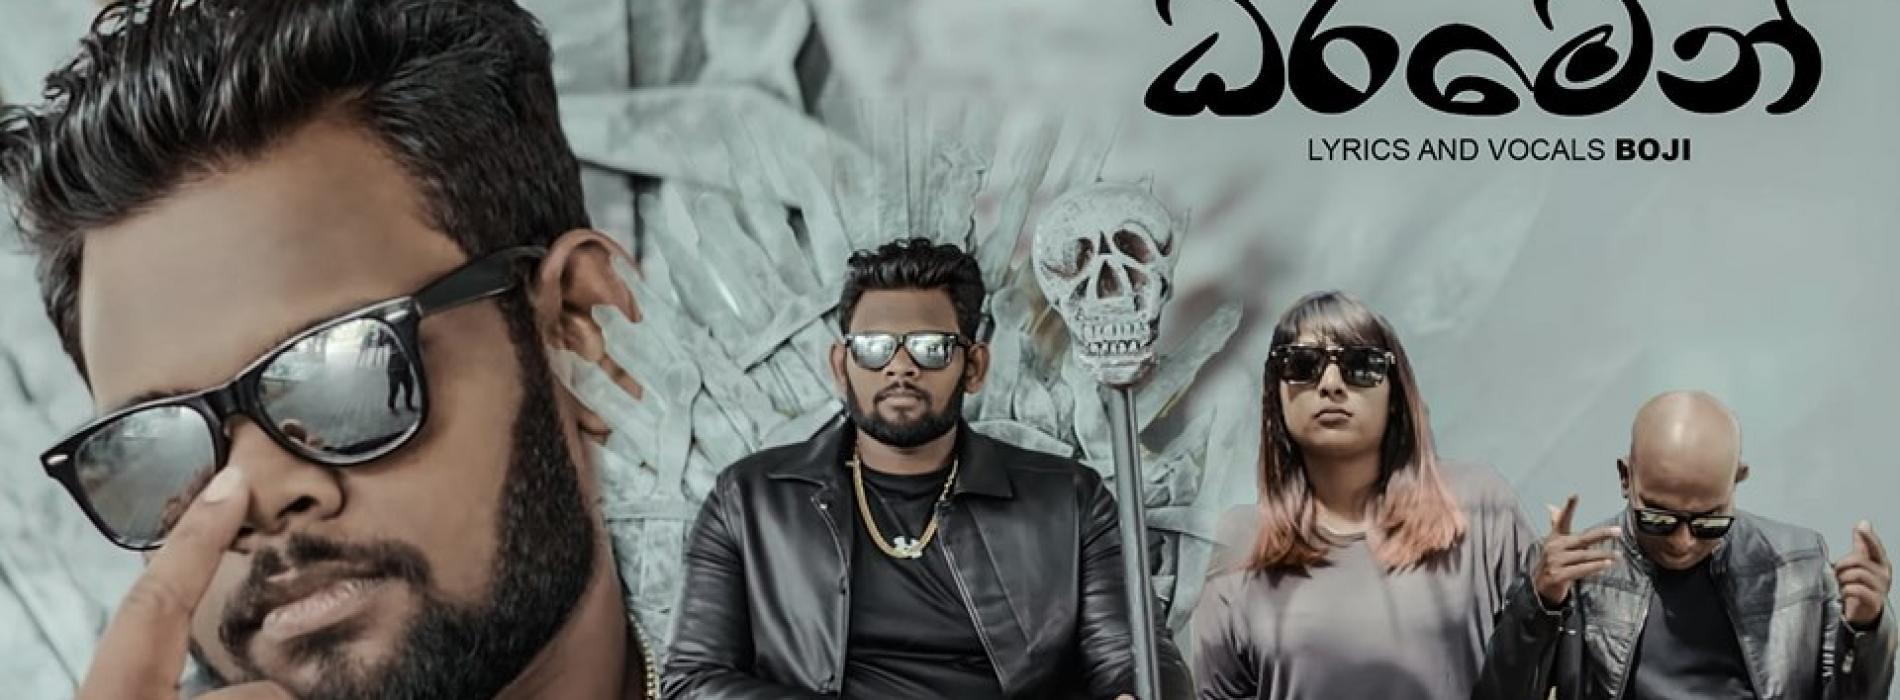 Dharmen Official Music Video   BOJI